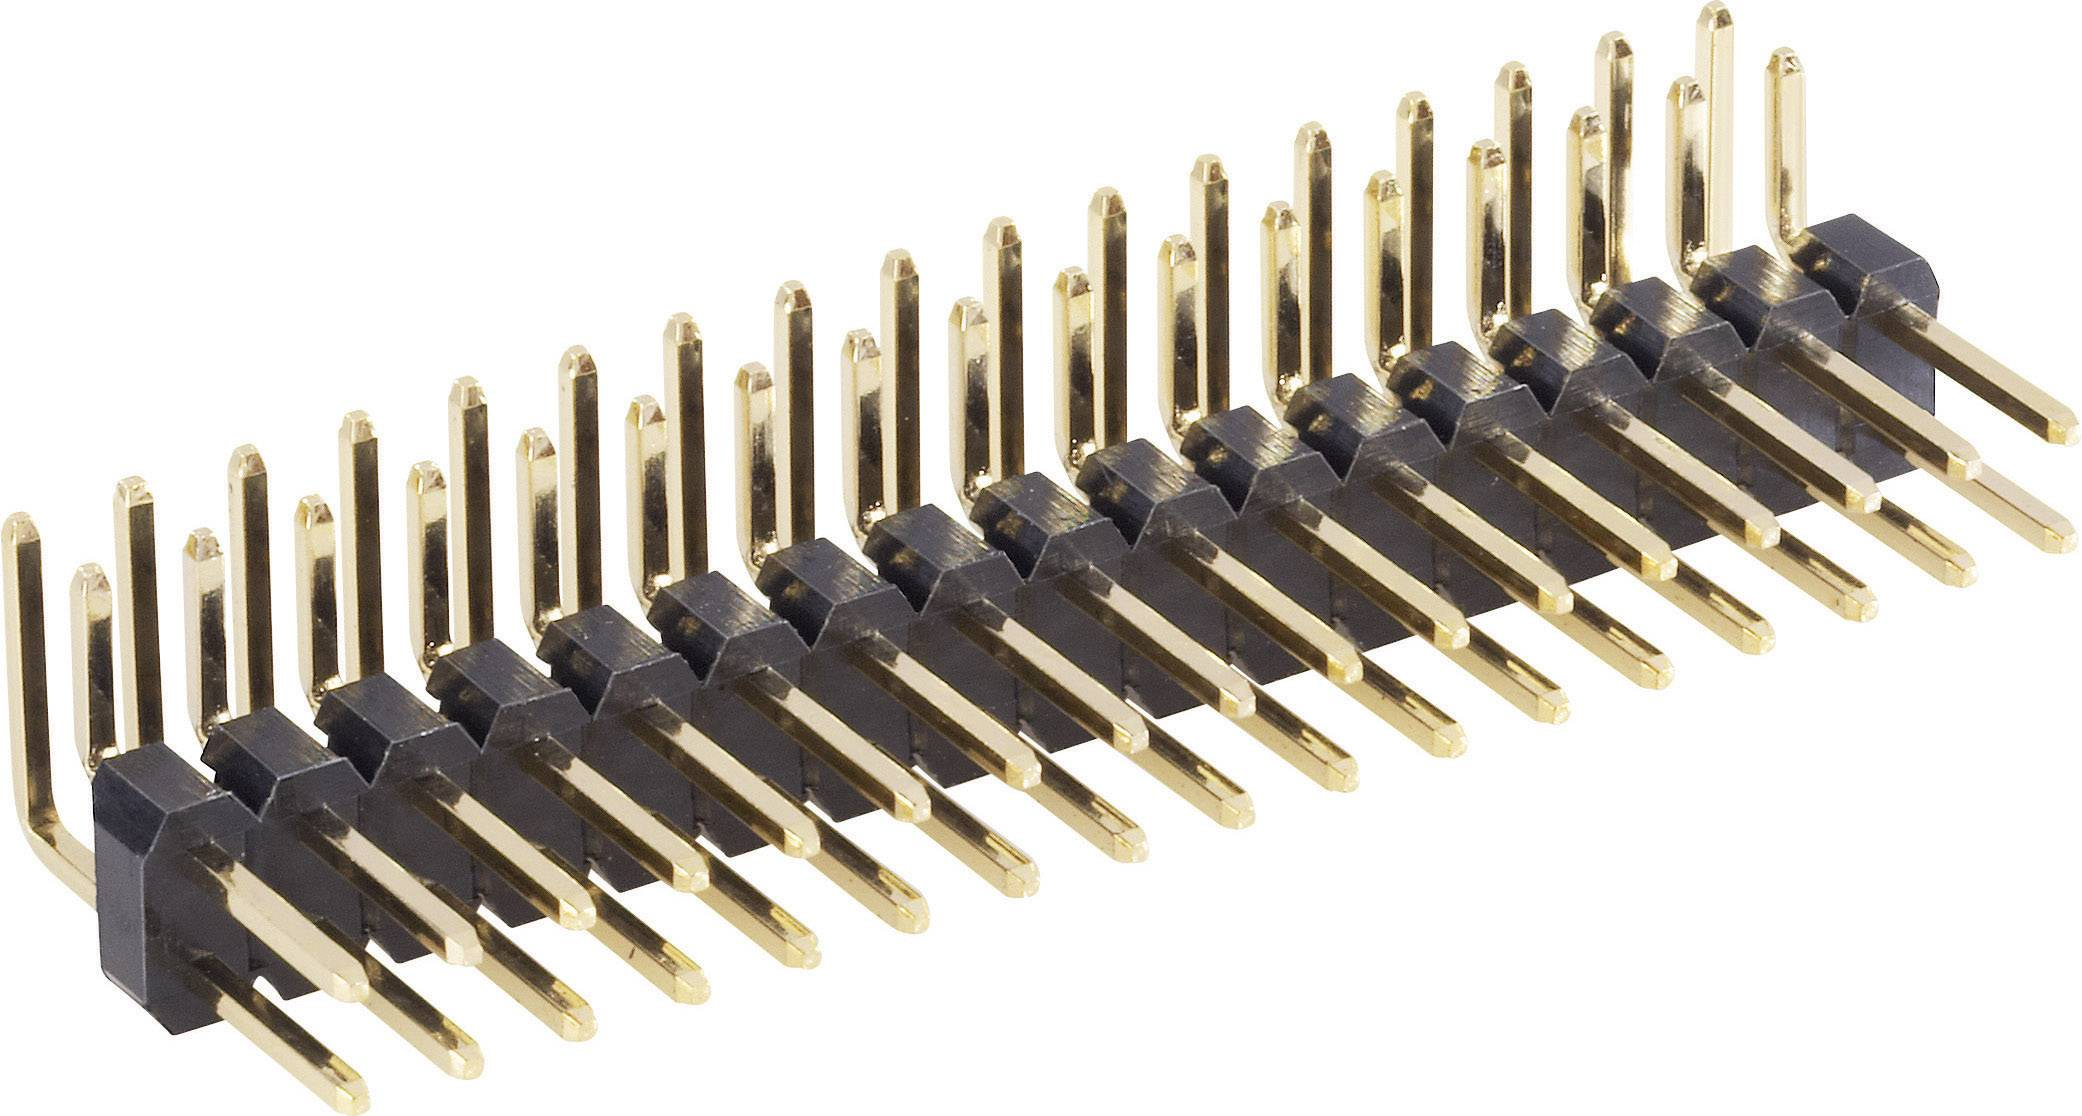 Pinová lišta (štandardná) BKL Electronic 10120535, řádky 2, kontakty na řádek 13, 1 ks